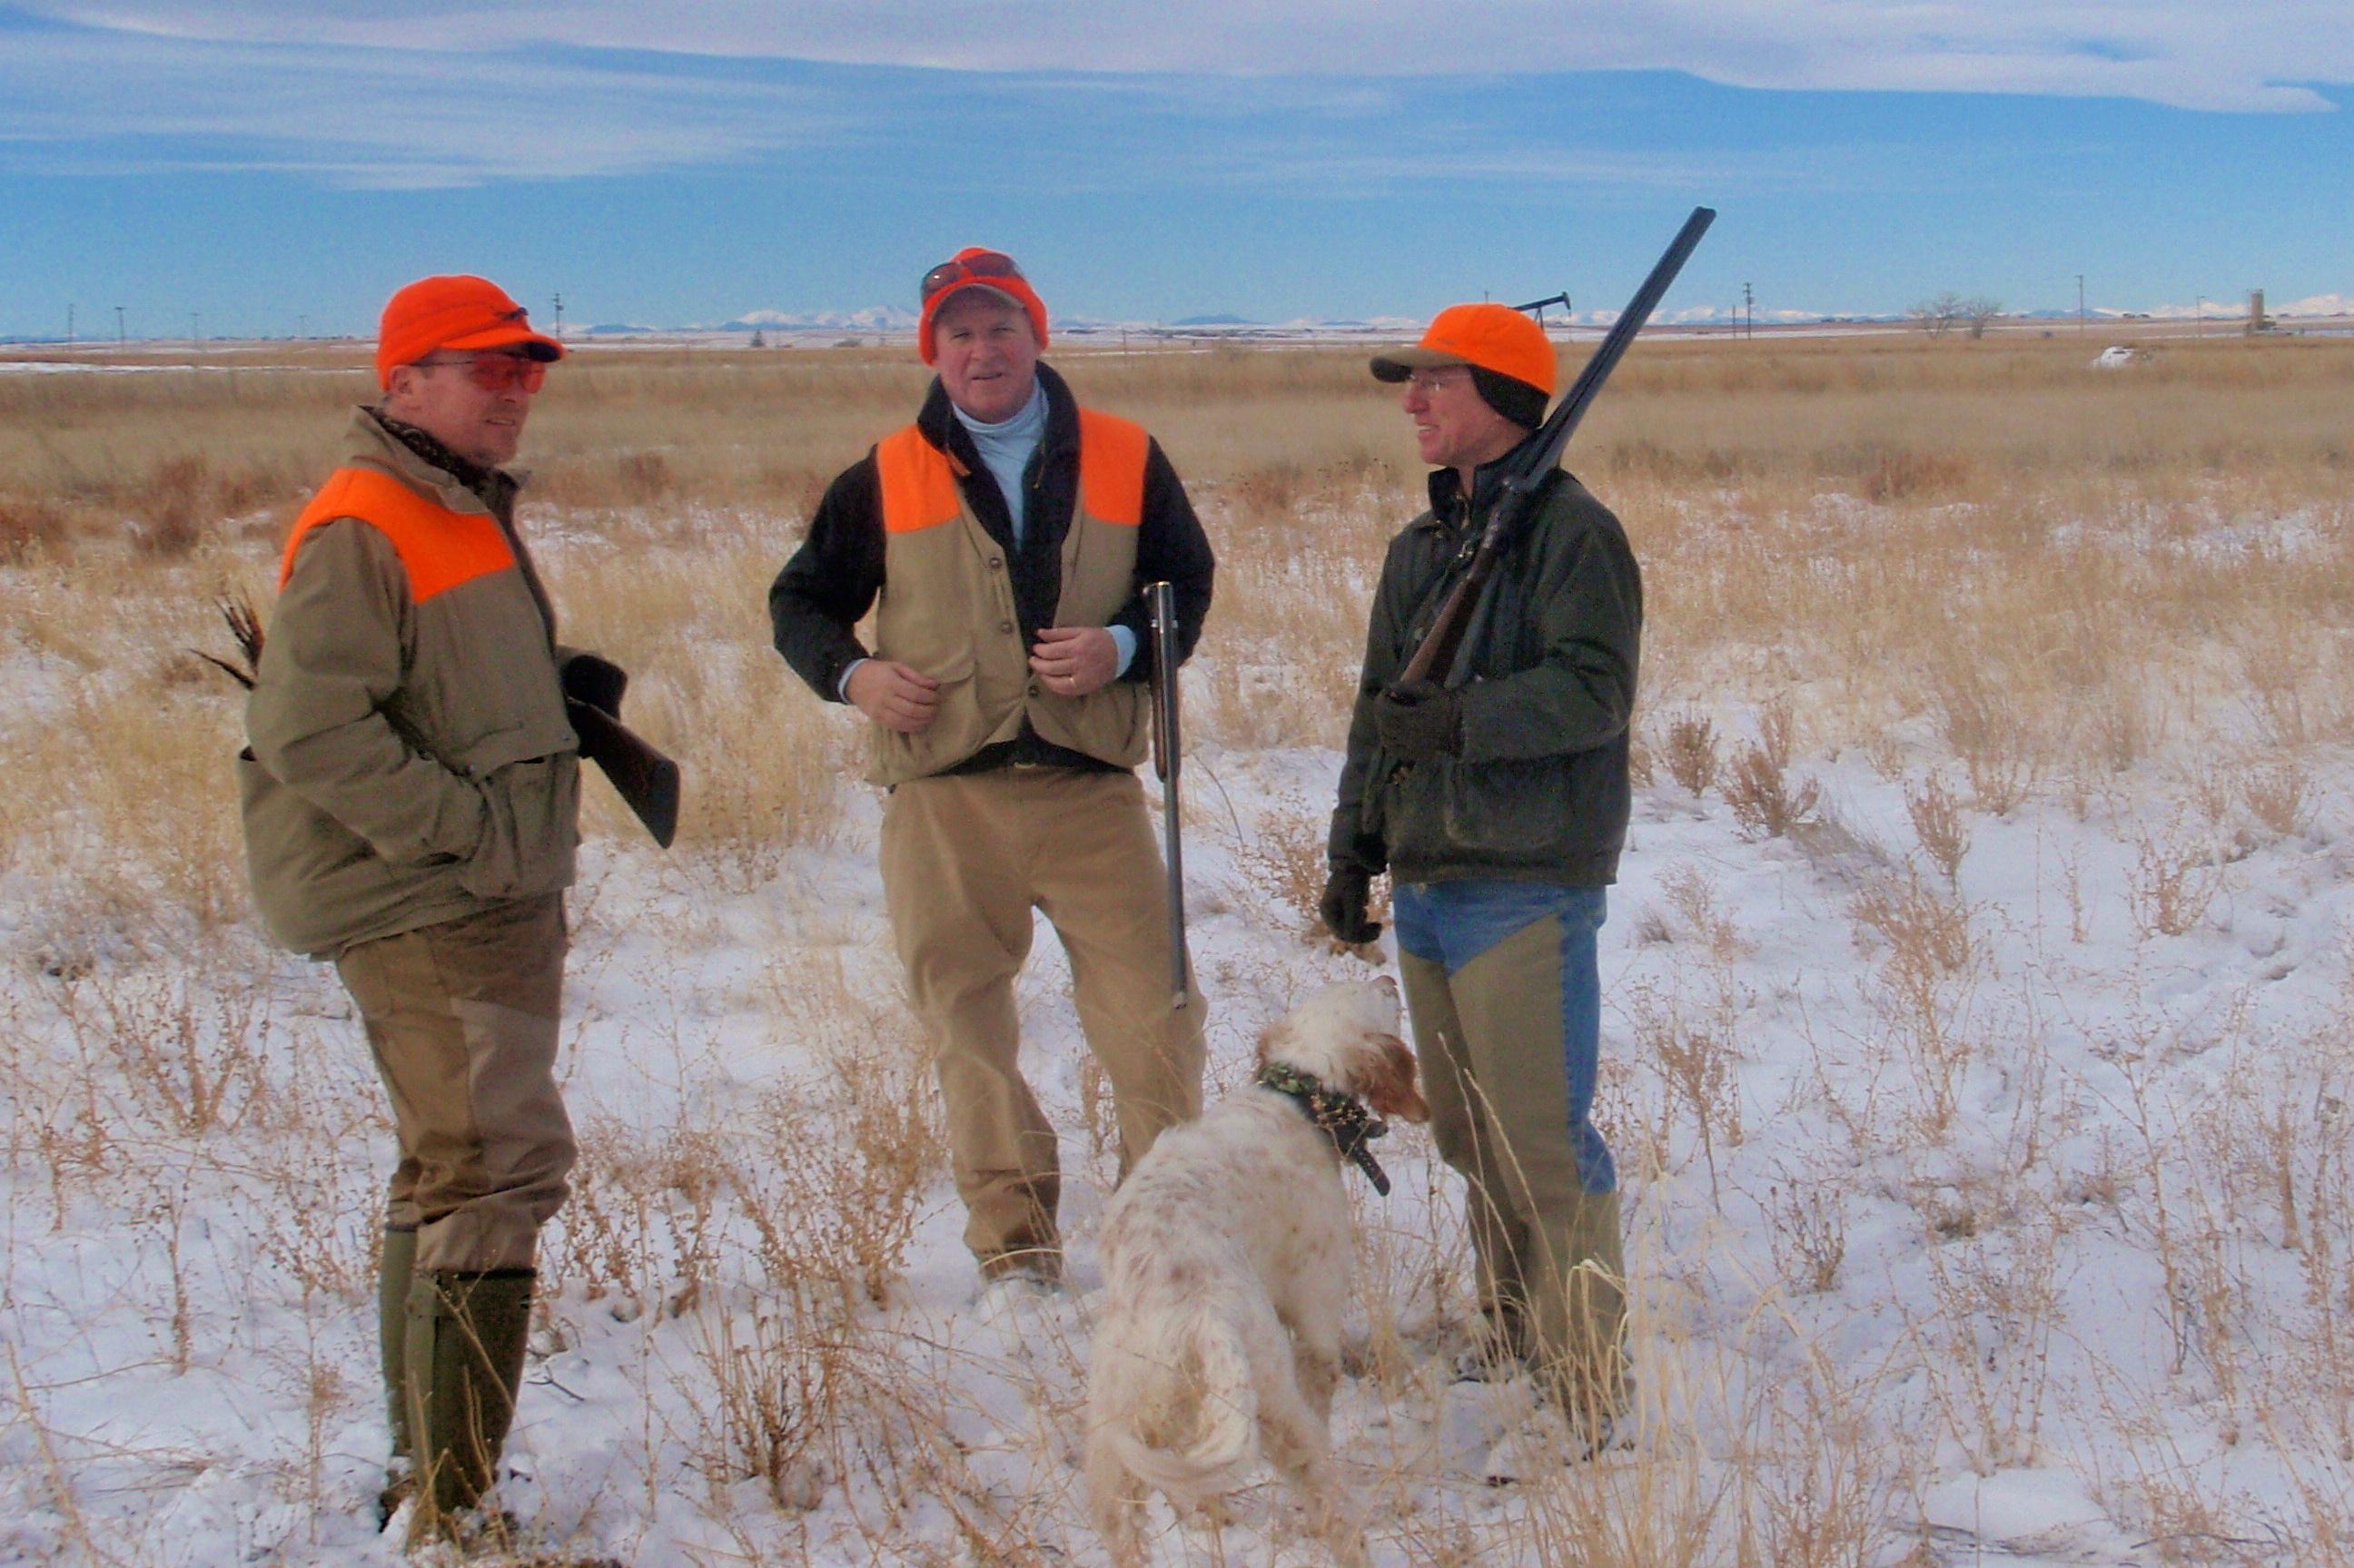 Sunday Hunting Bans